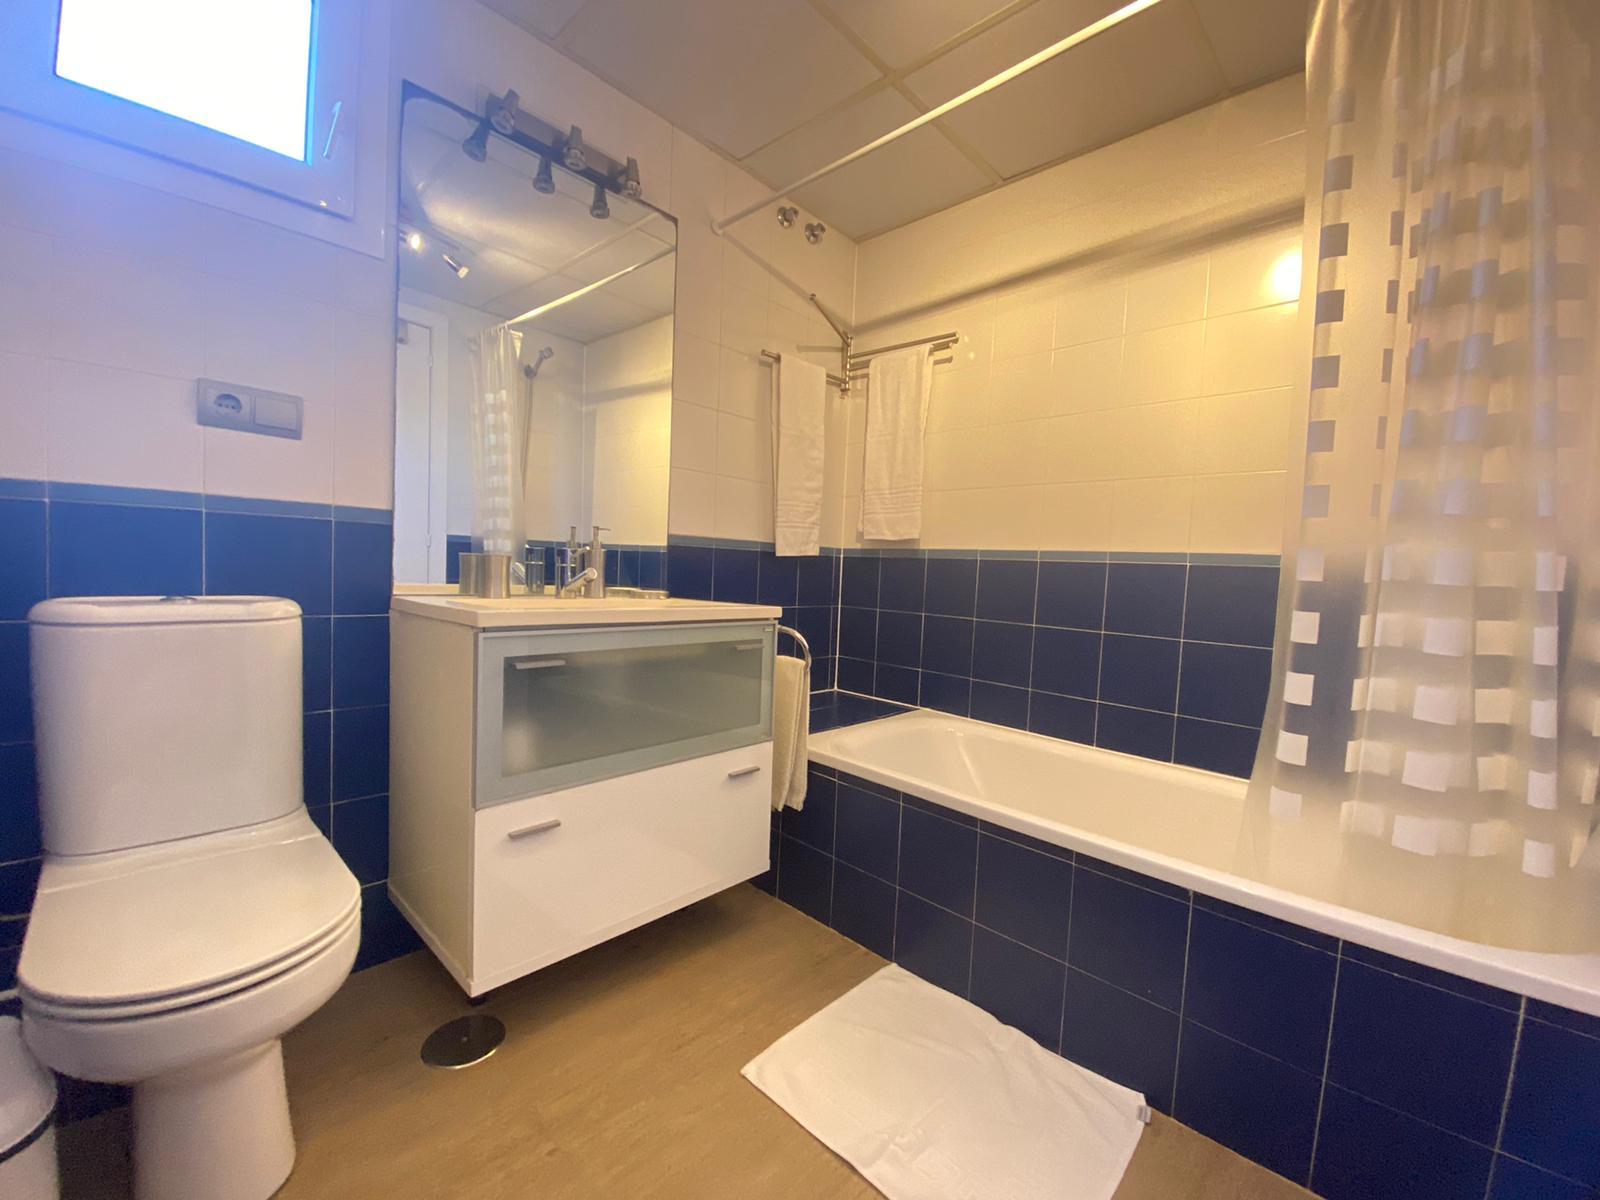 Imagen 40 del Apartamento Turístico, Ático 6 Levante (3d+2b), Punta del Moral (HUELVA), Paseo de la Cruz nº22